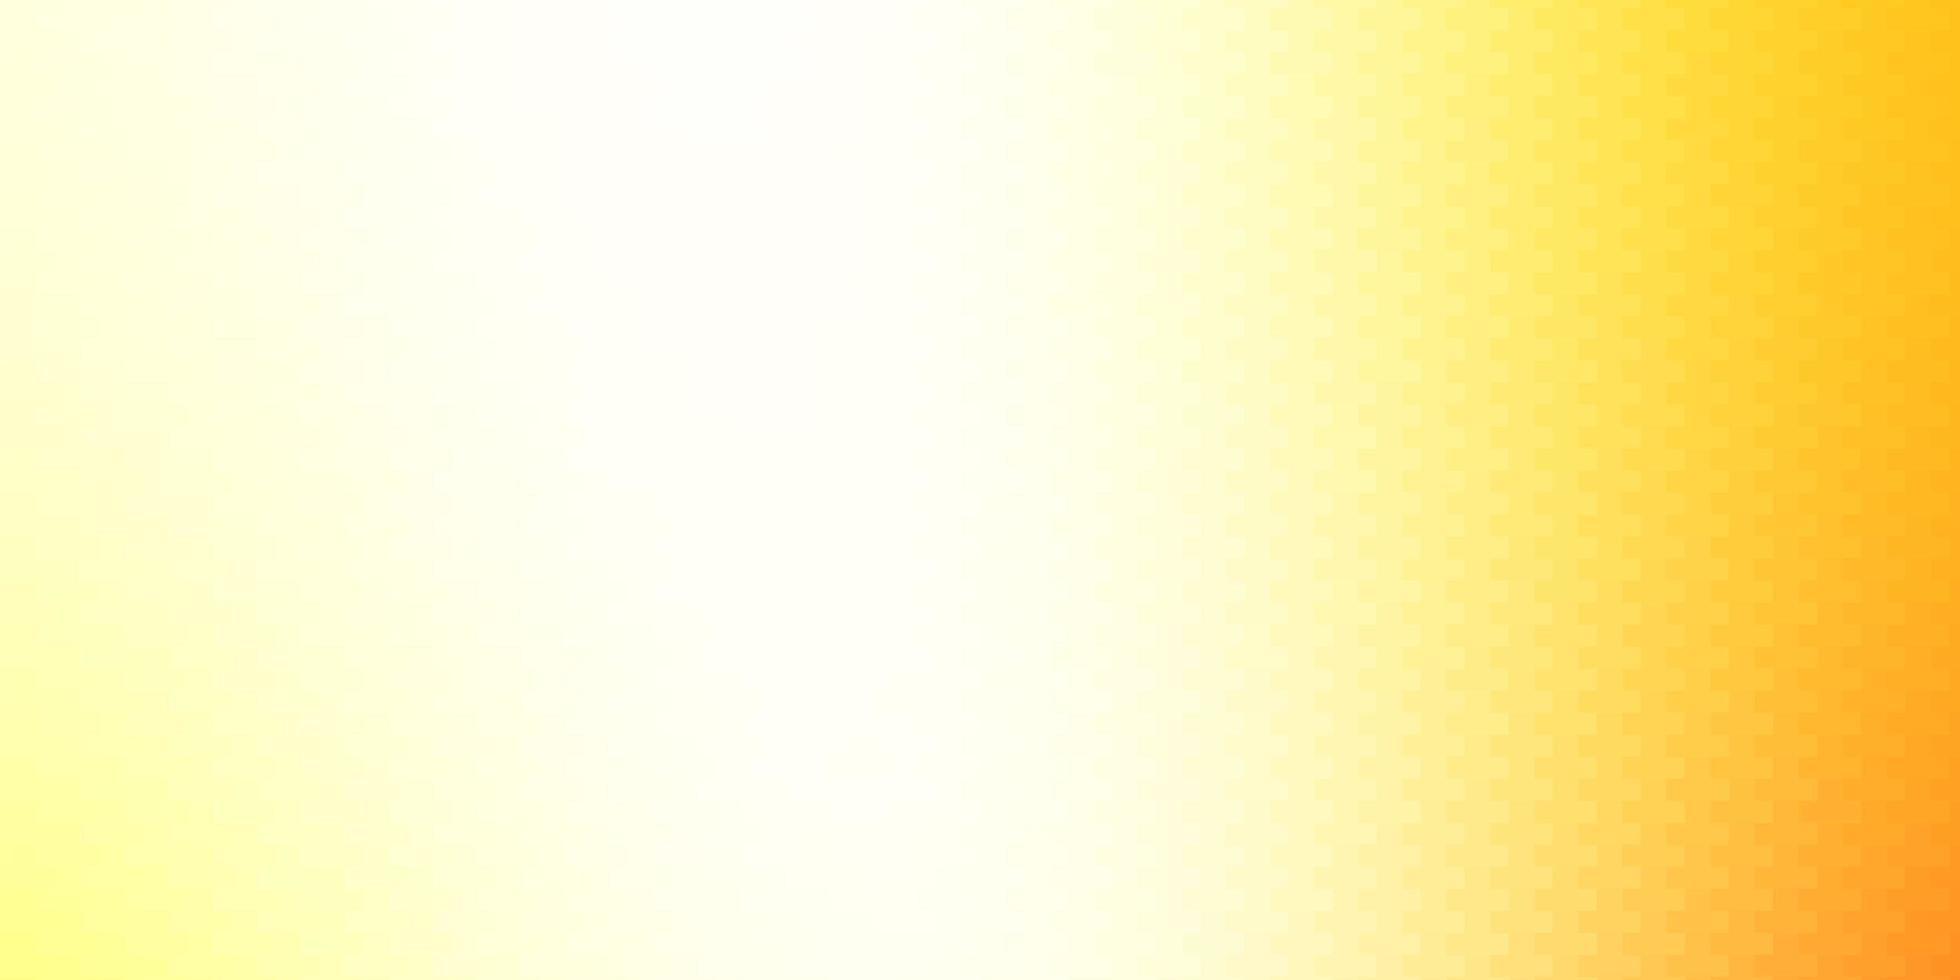 ljusröd, gul vektorbakgrund med rektanglar. vektor